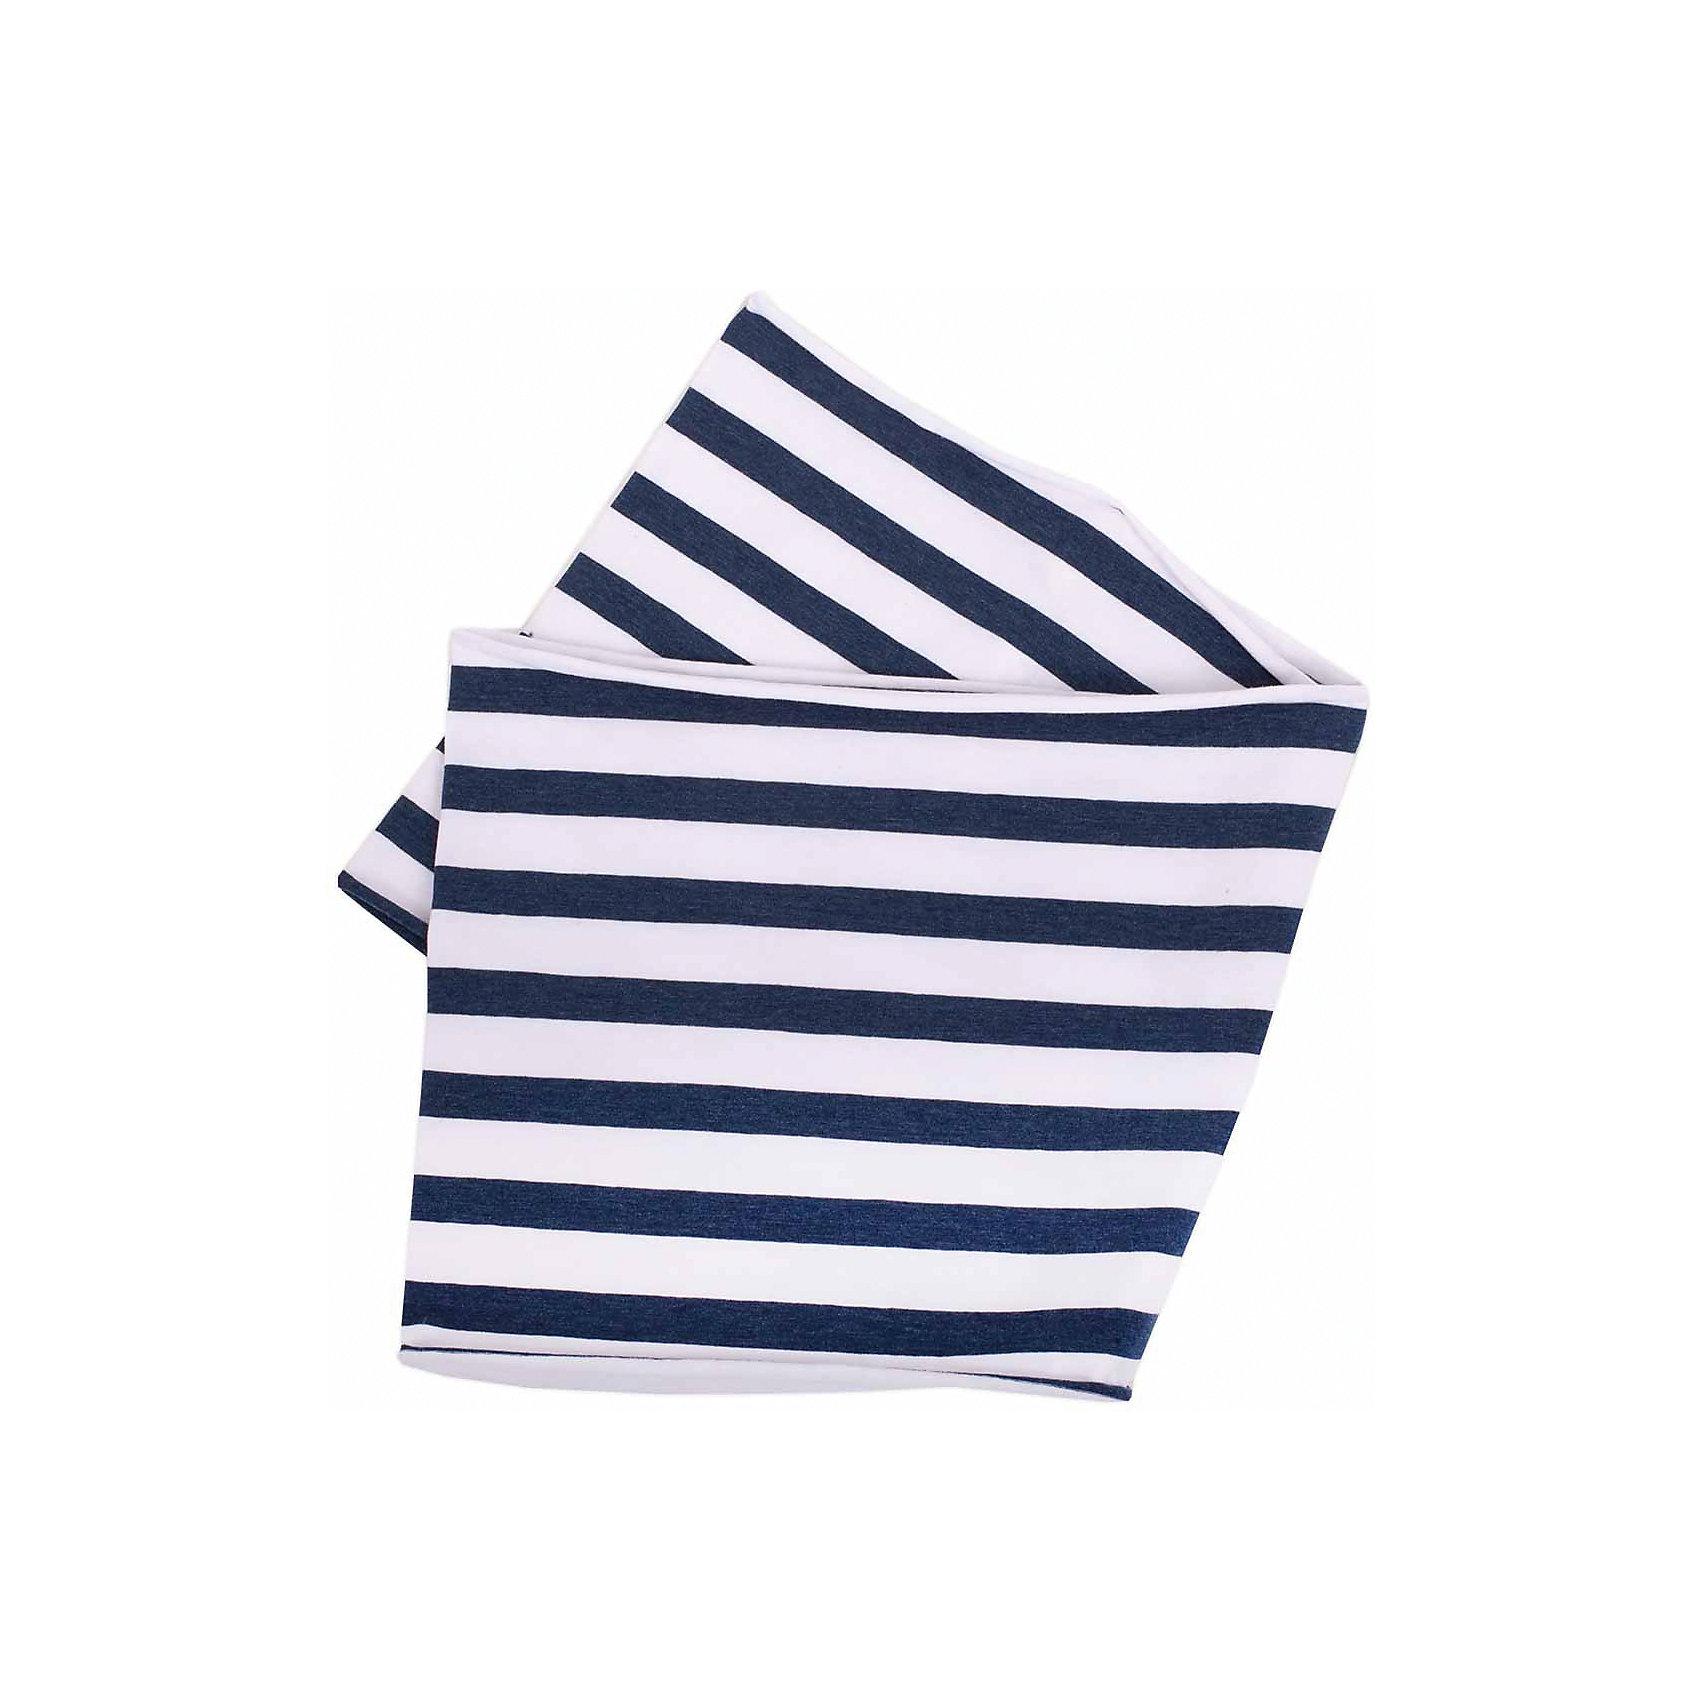 Воротник  BUTTON BLUEШарфы, платки<br>Воротник  BUTTON BLUE<br>Мягкий трикотажный воротник - отличная альтернатива длинному шарфу. Он добавит в весенний или летний комплект модную легкую небрежность, а также создаст тепло и комфорт в прохладную и ветреную погоду. Если вы хотите купить воротник, модель в полоску от Button Blue - идеальный вариант для завершения образа!<br>Состав:<br>95% хлопок 5% эластан<br><br>Ширина мм: 170<br>Глубина мм: 157<br>Высота мм: 67<br>Вес г: 117<br>Цвет: синий<br>Возраст от месяцев: 0<br>Возраст до месяцев: 168<br>Пол: Унисекс<br>Возраст: Детский<br>Размер: one size<br>SKU: 5523938